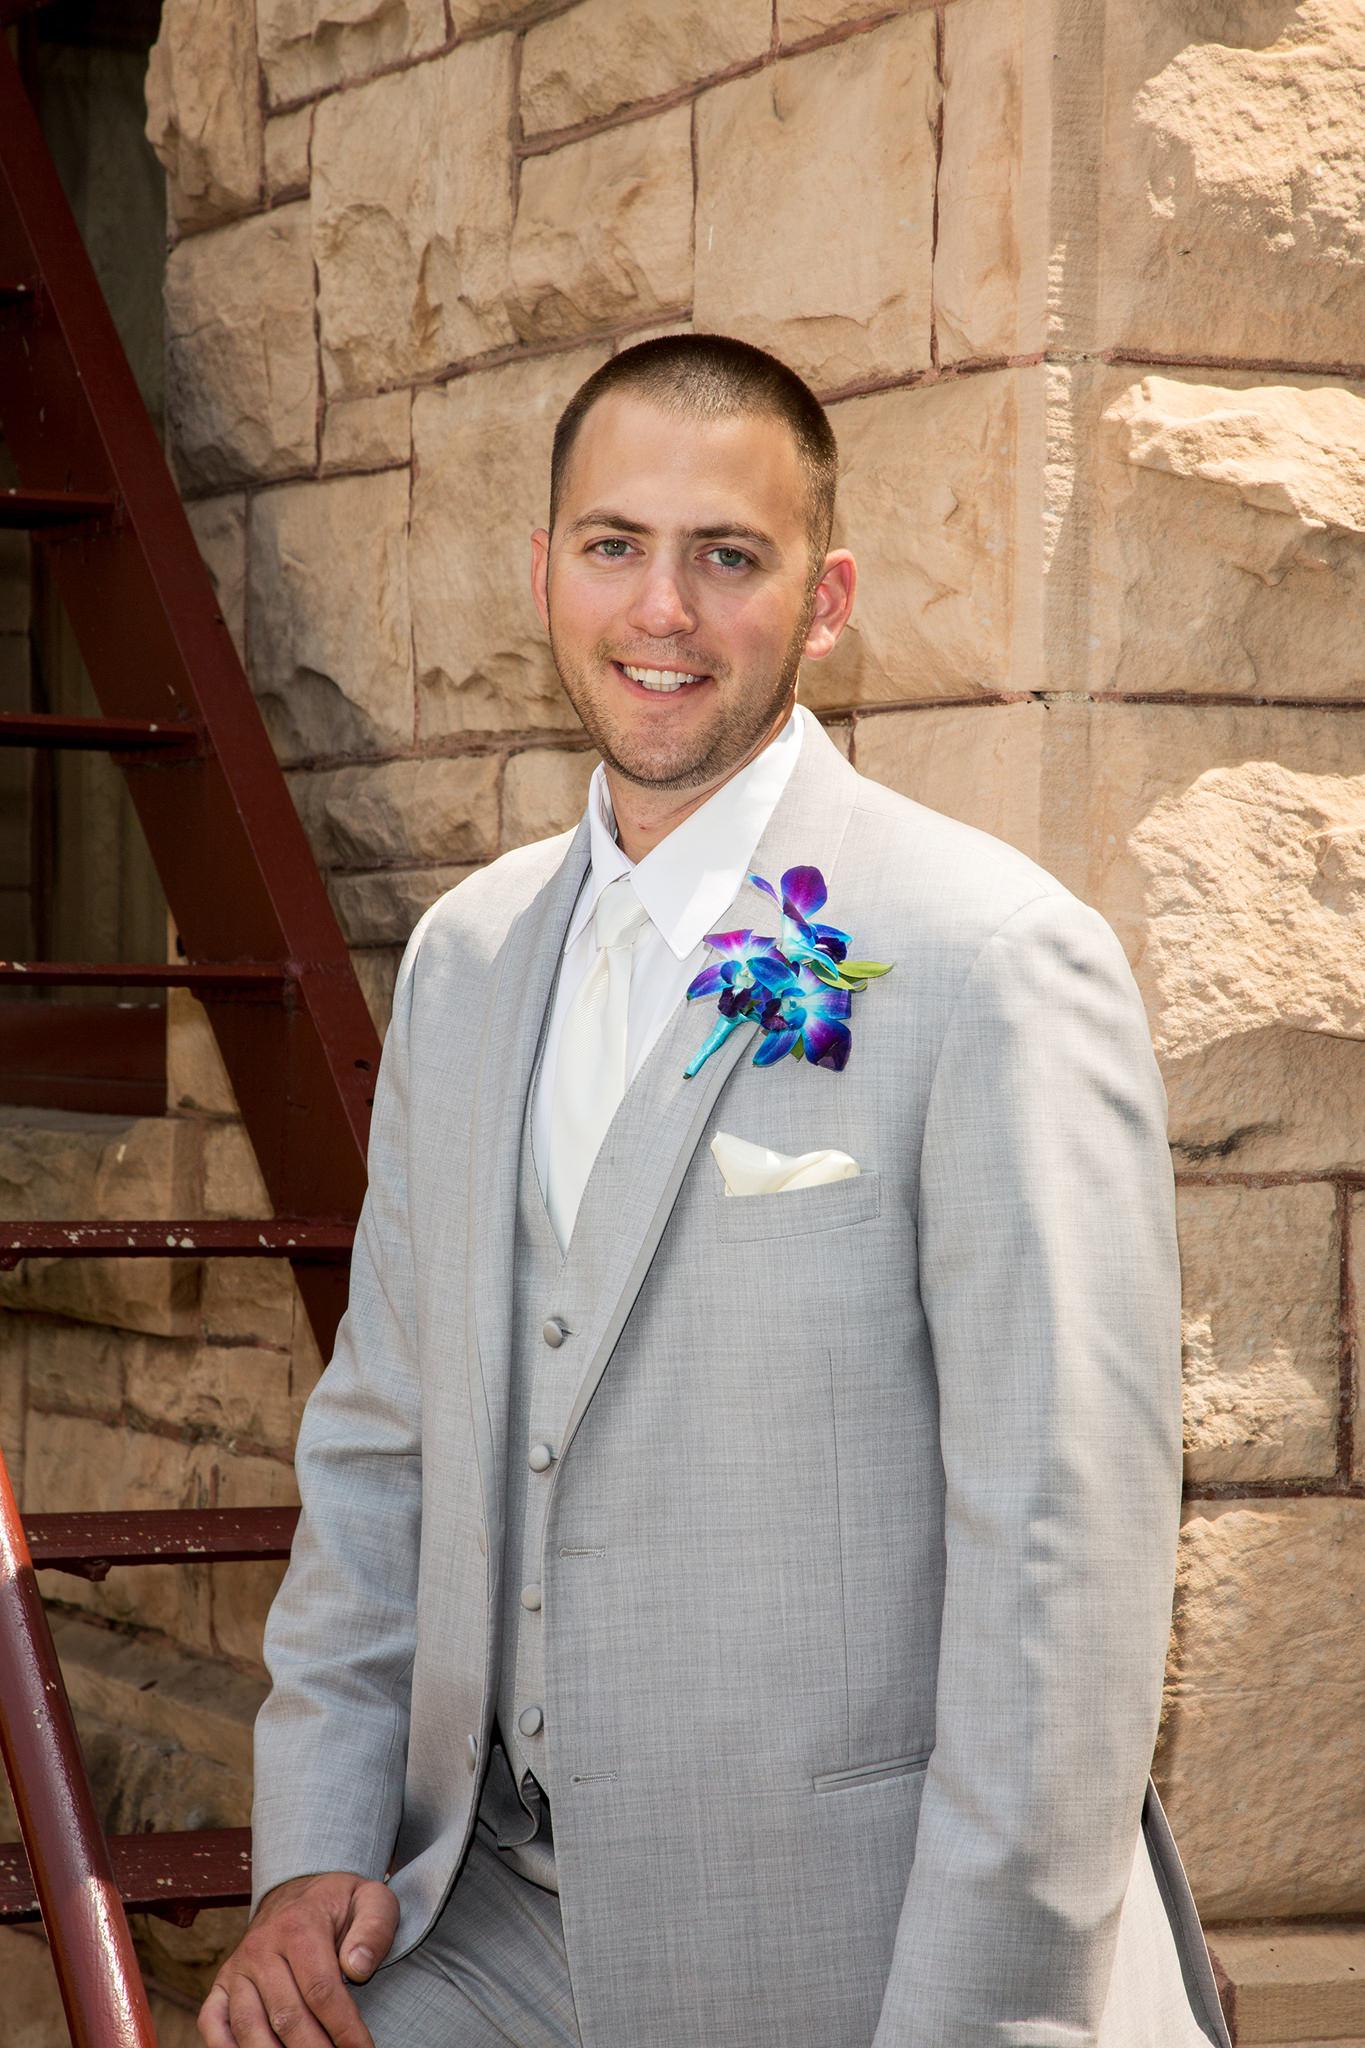 marchese_wedding_276 copy